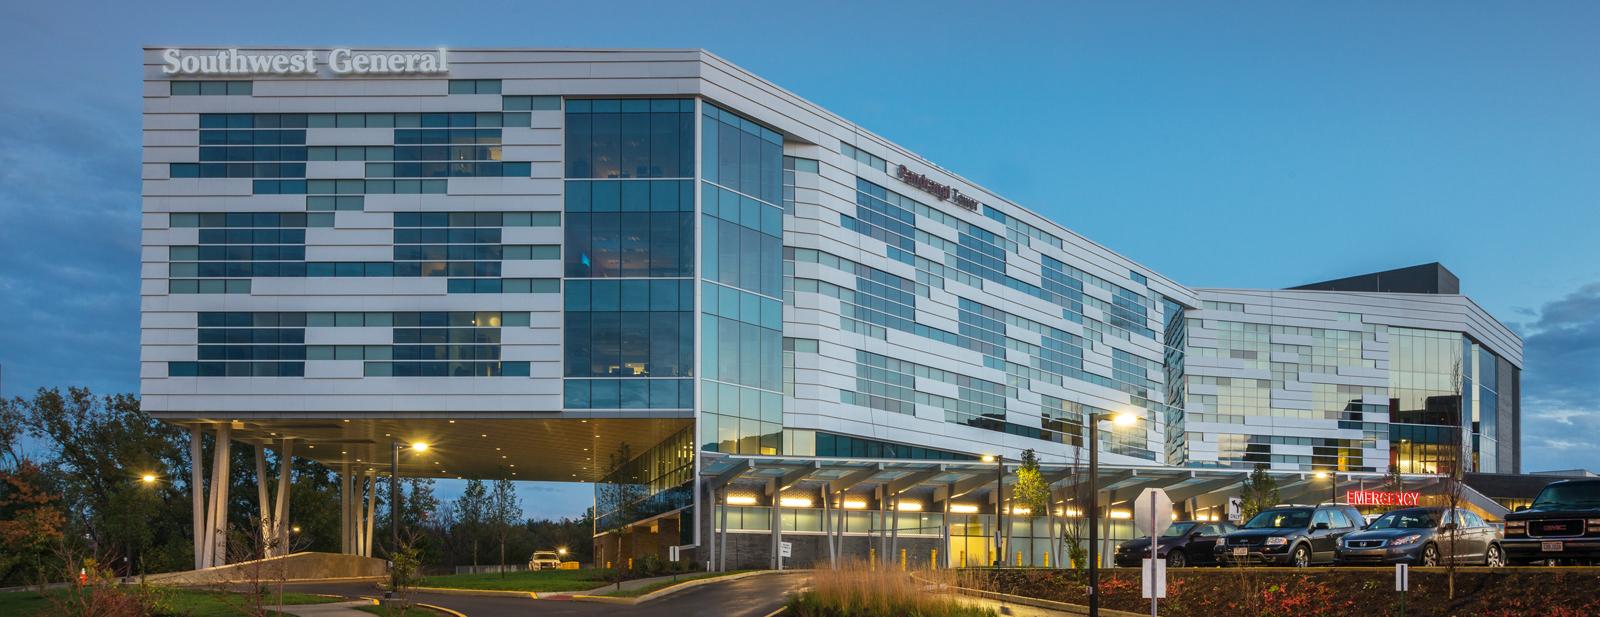 Southwest General Hospital